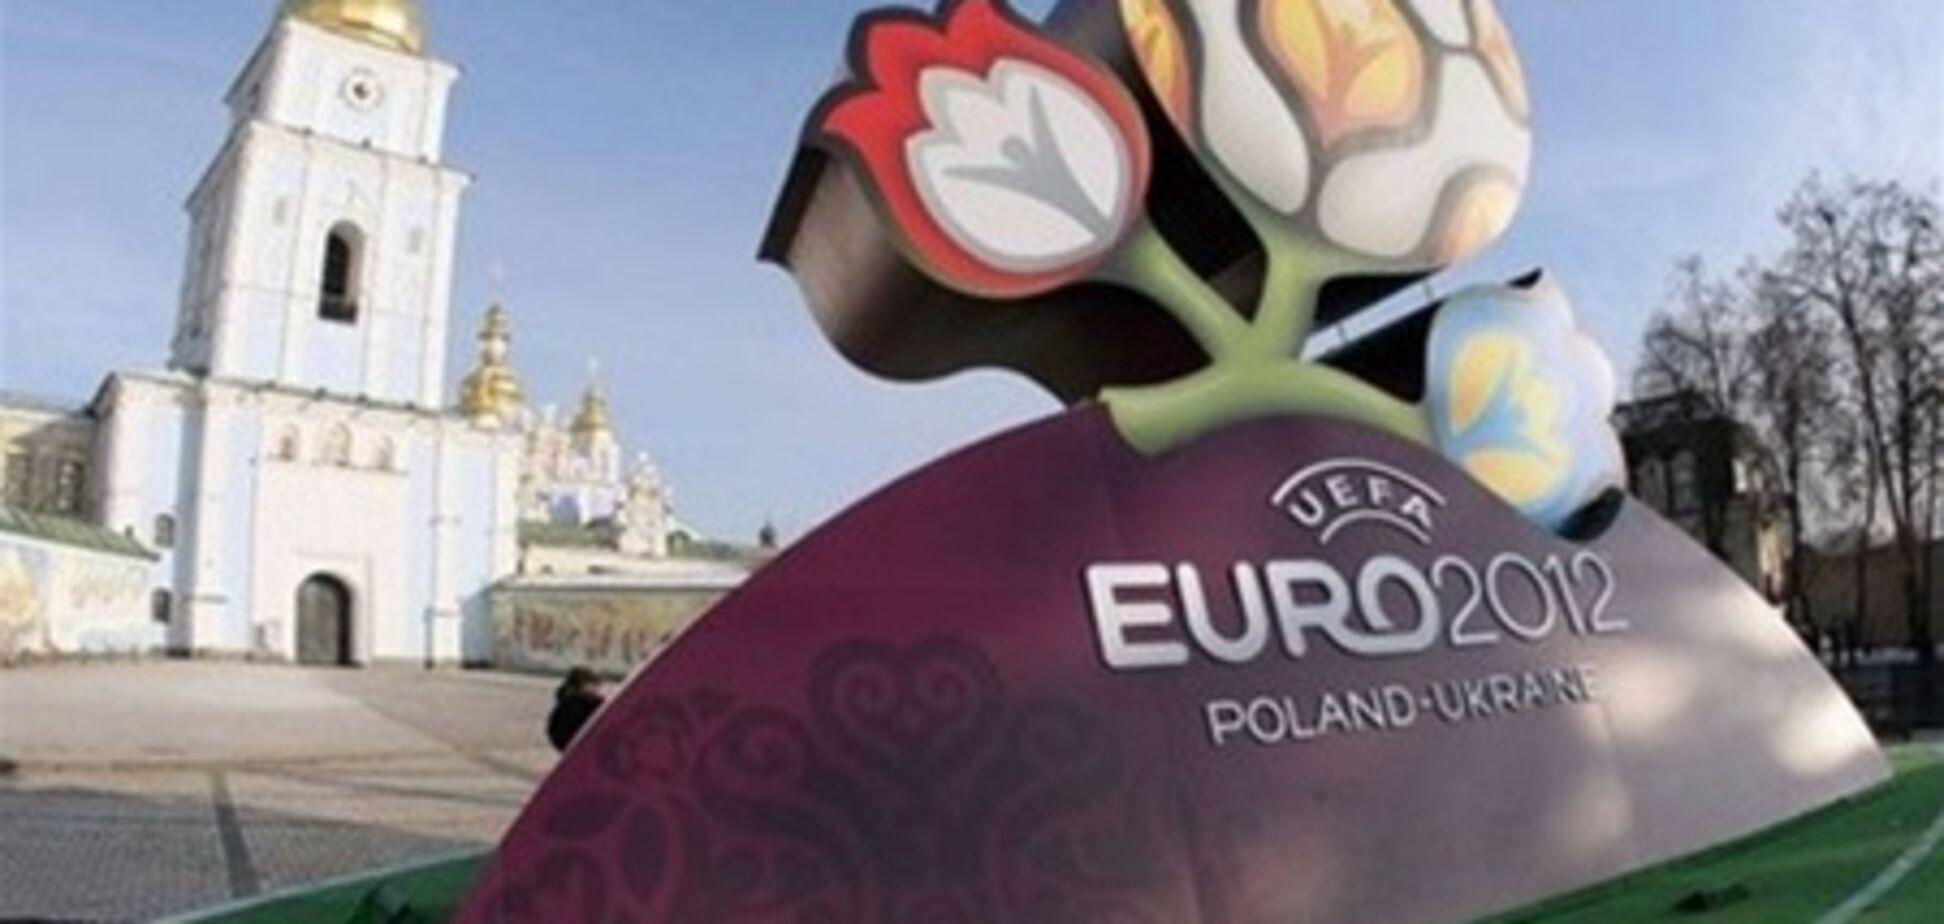 Как на Евро-2012 переночевать бесплатно?